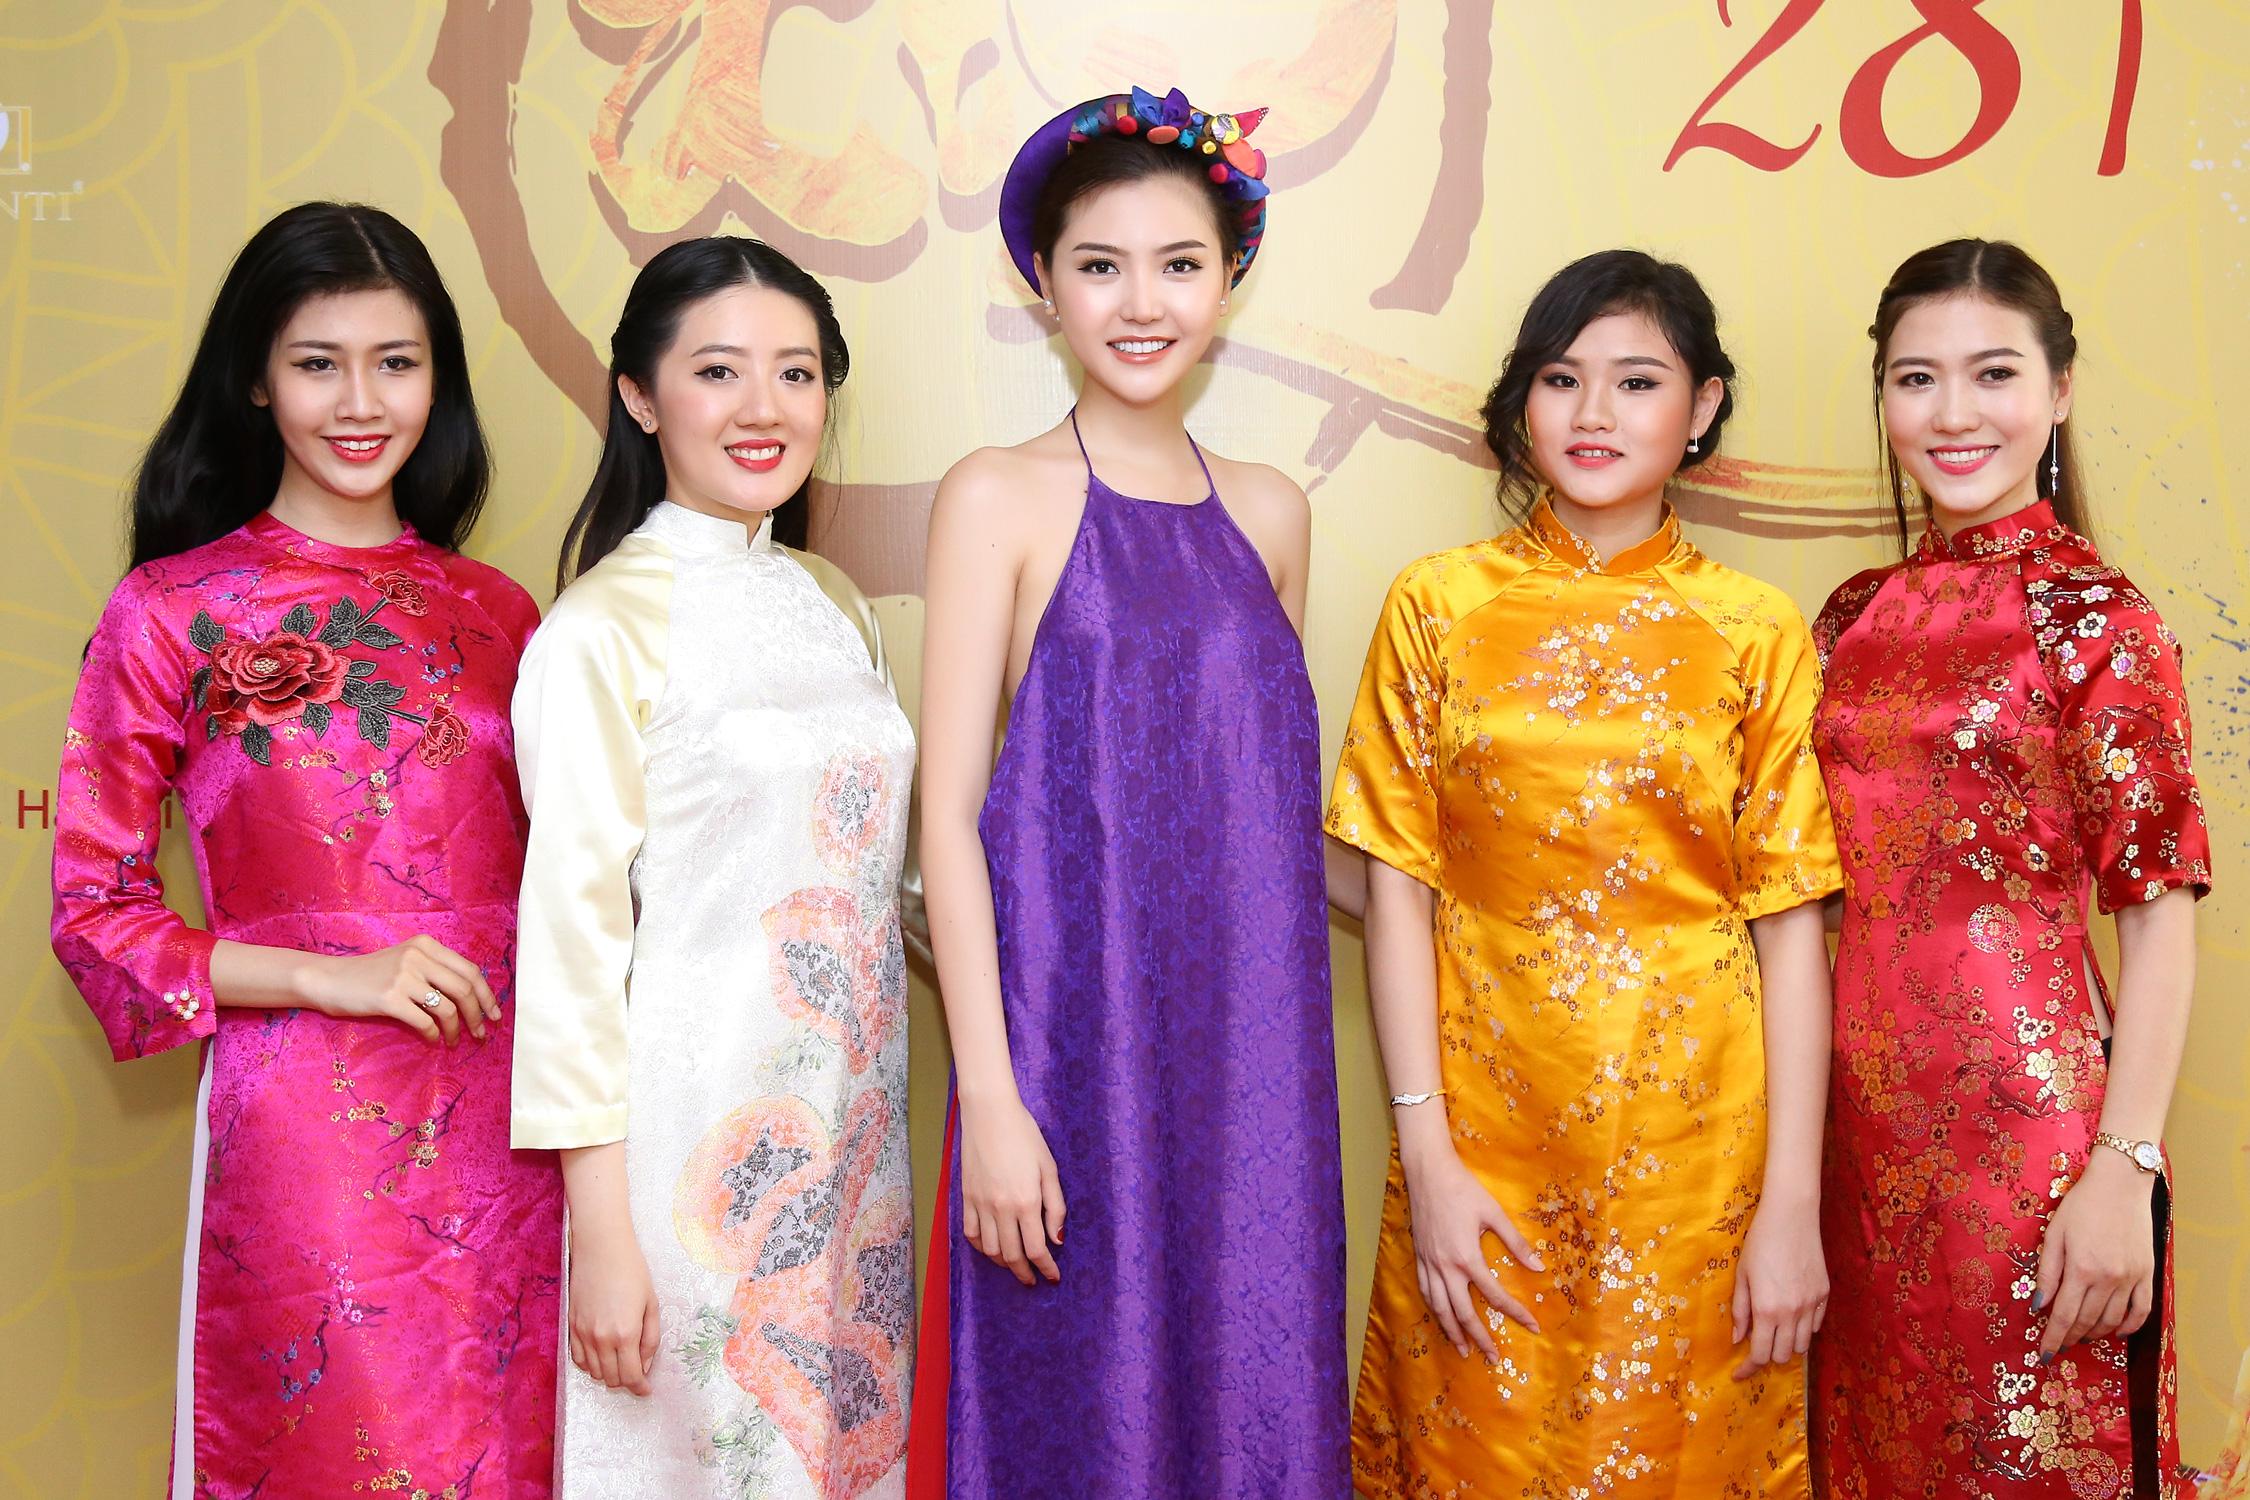 Hoa hậu Ngọc Duyên mặc áo yếm gợi cảm đọ dáng cùng dàn mẫu 7